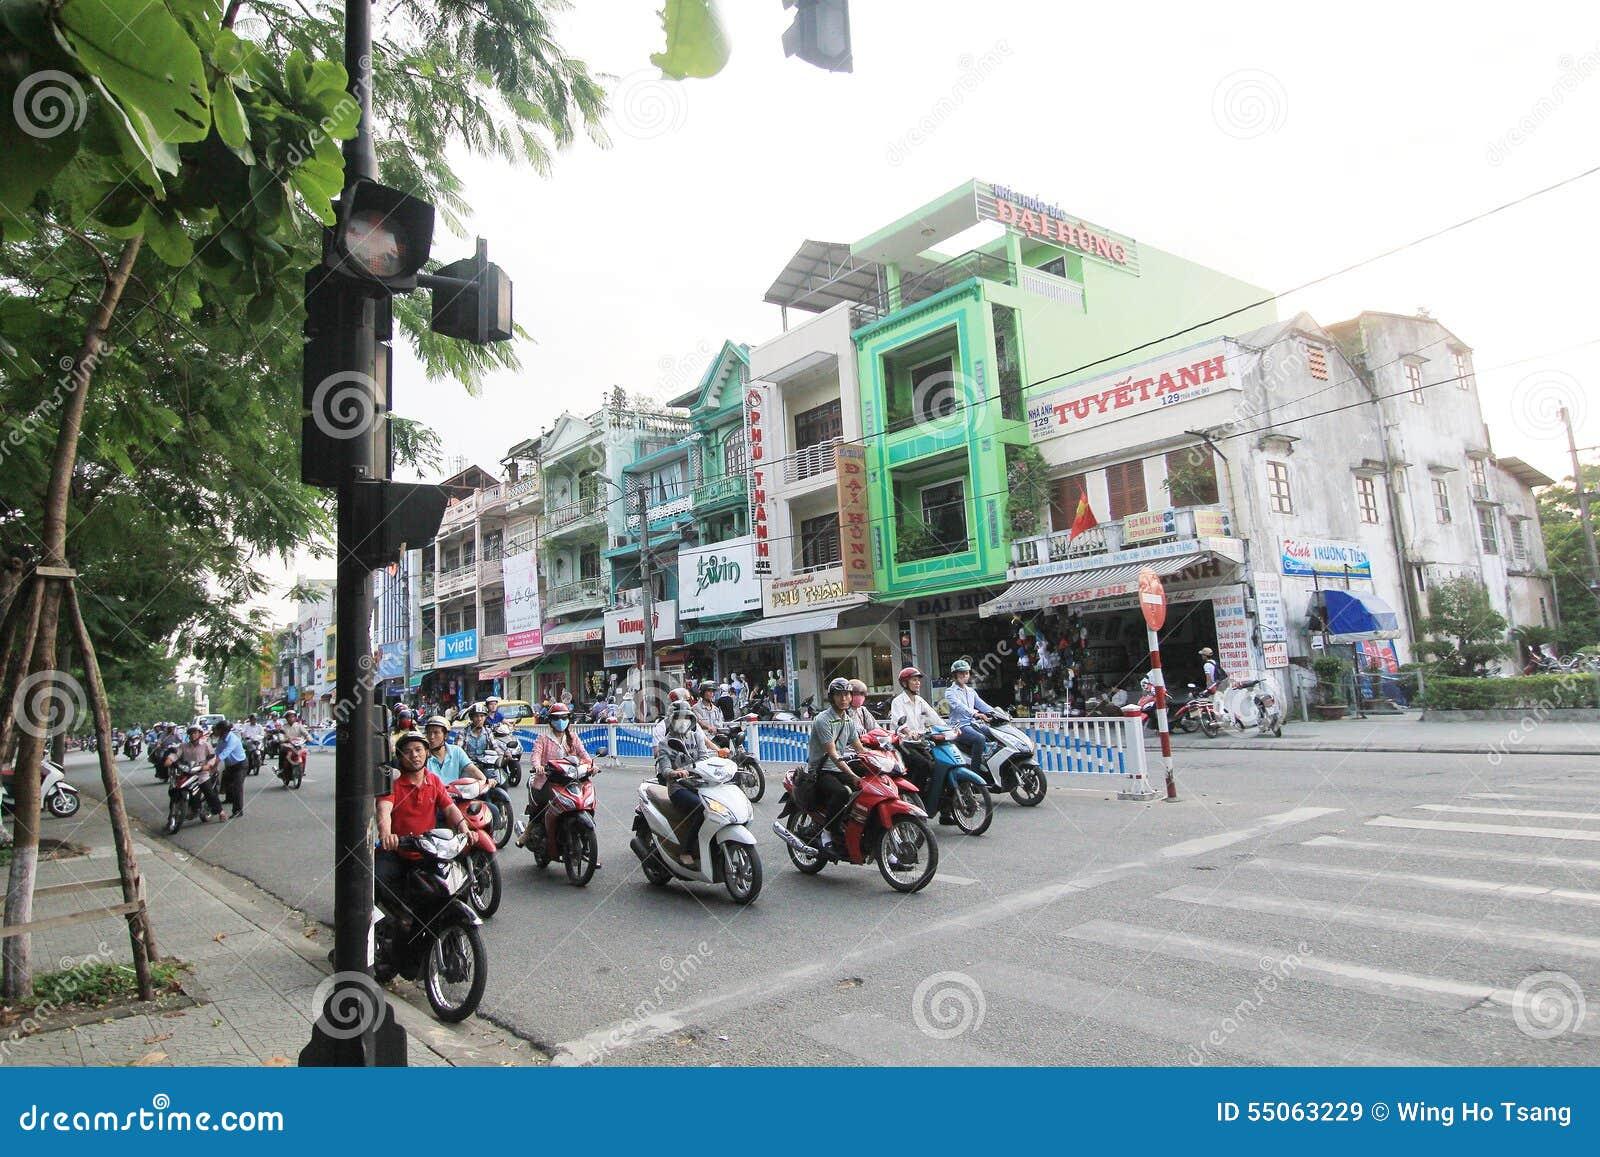 Vietnam Hue street view